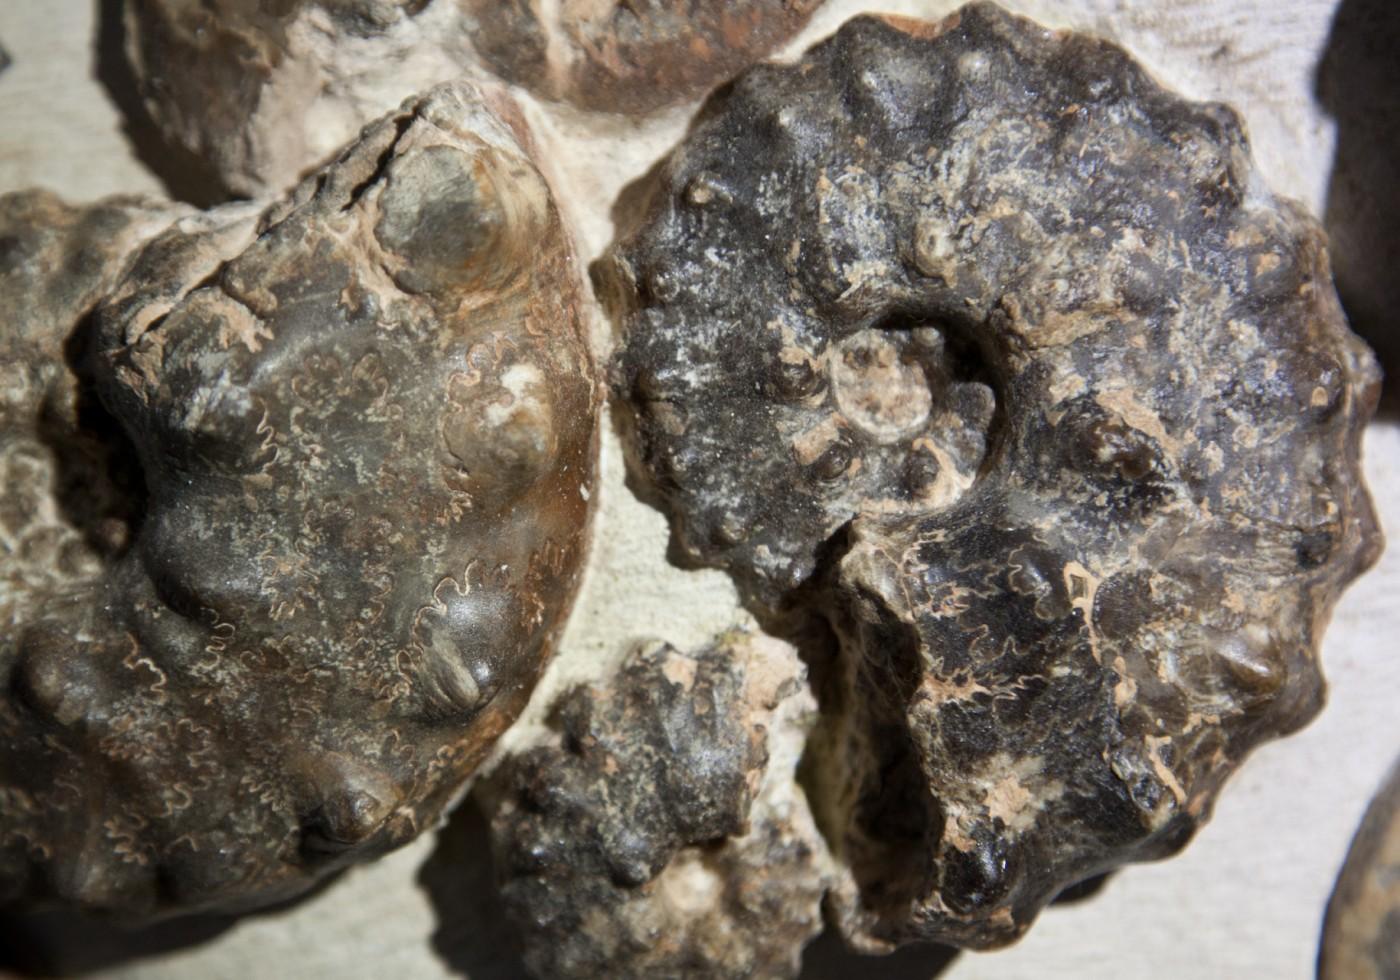 close ammonite